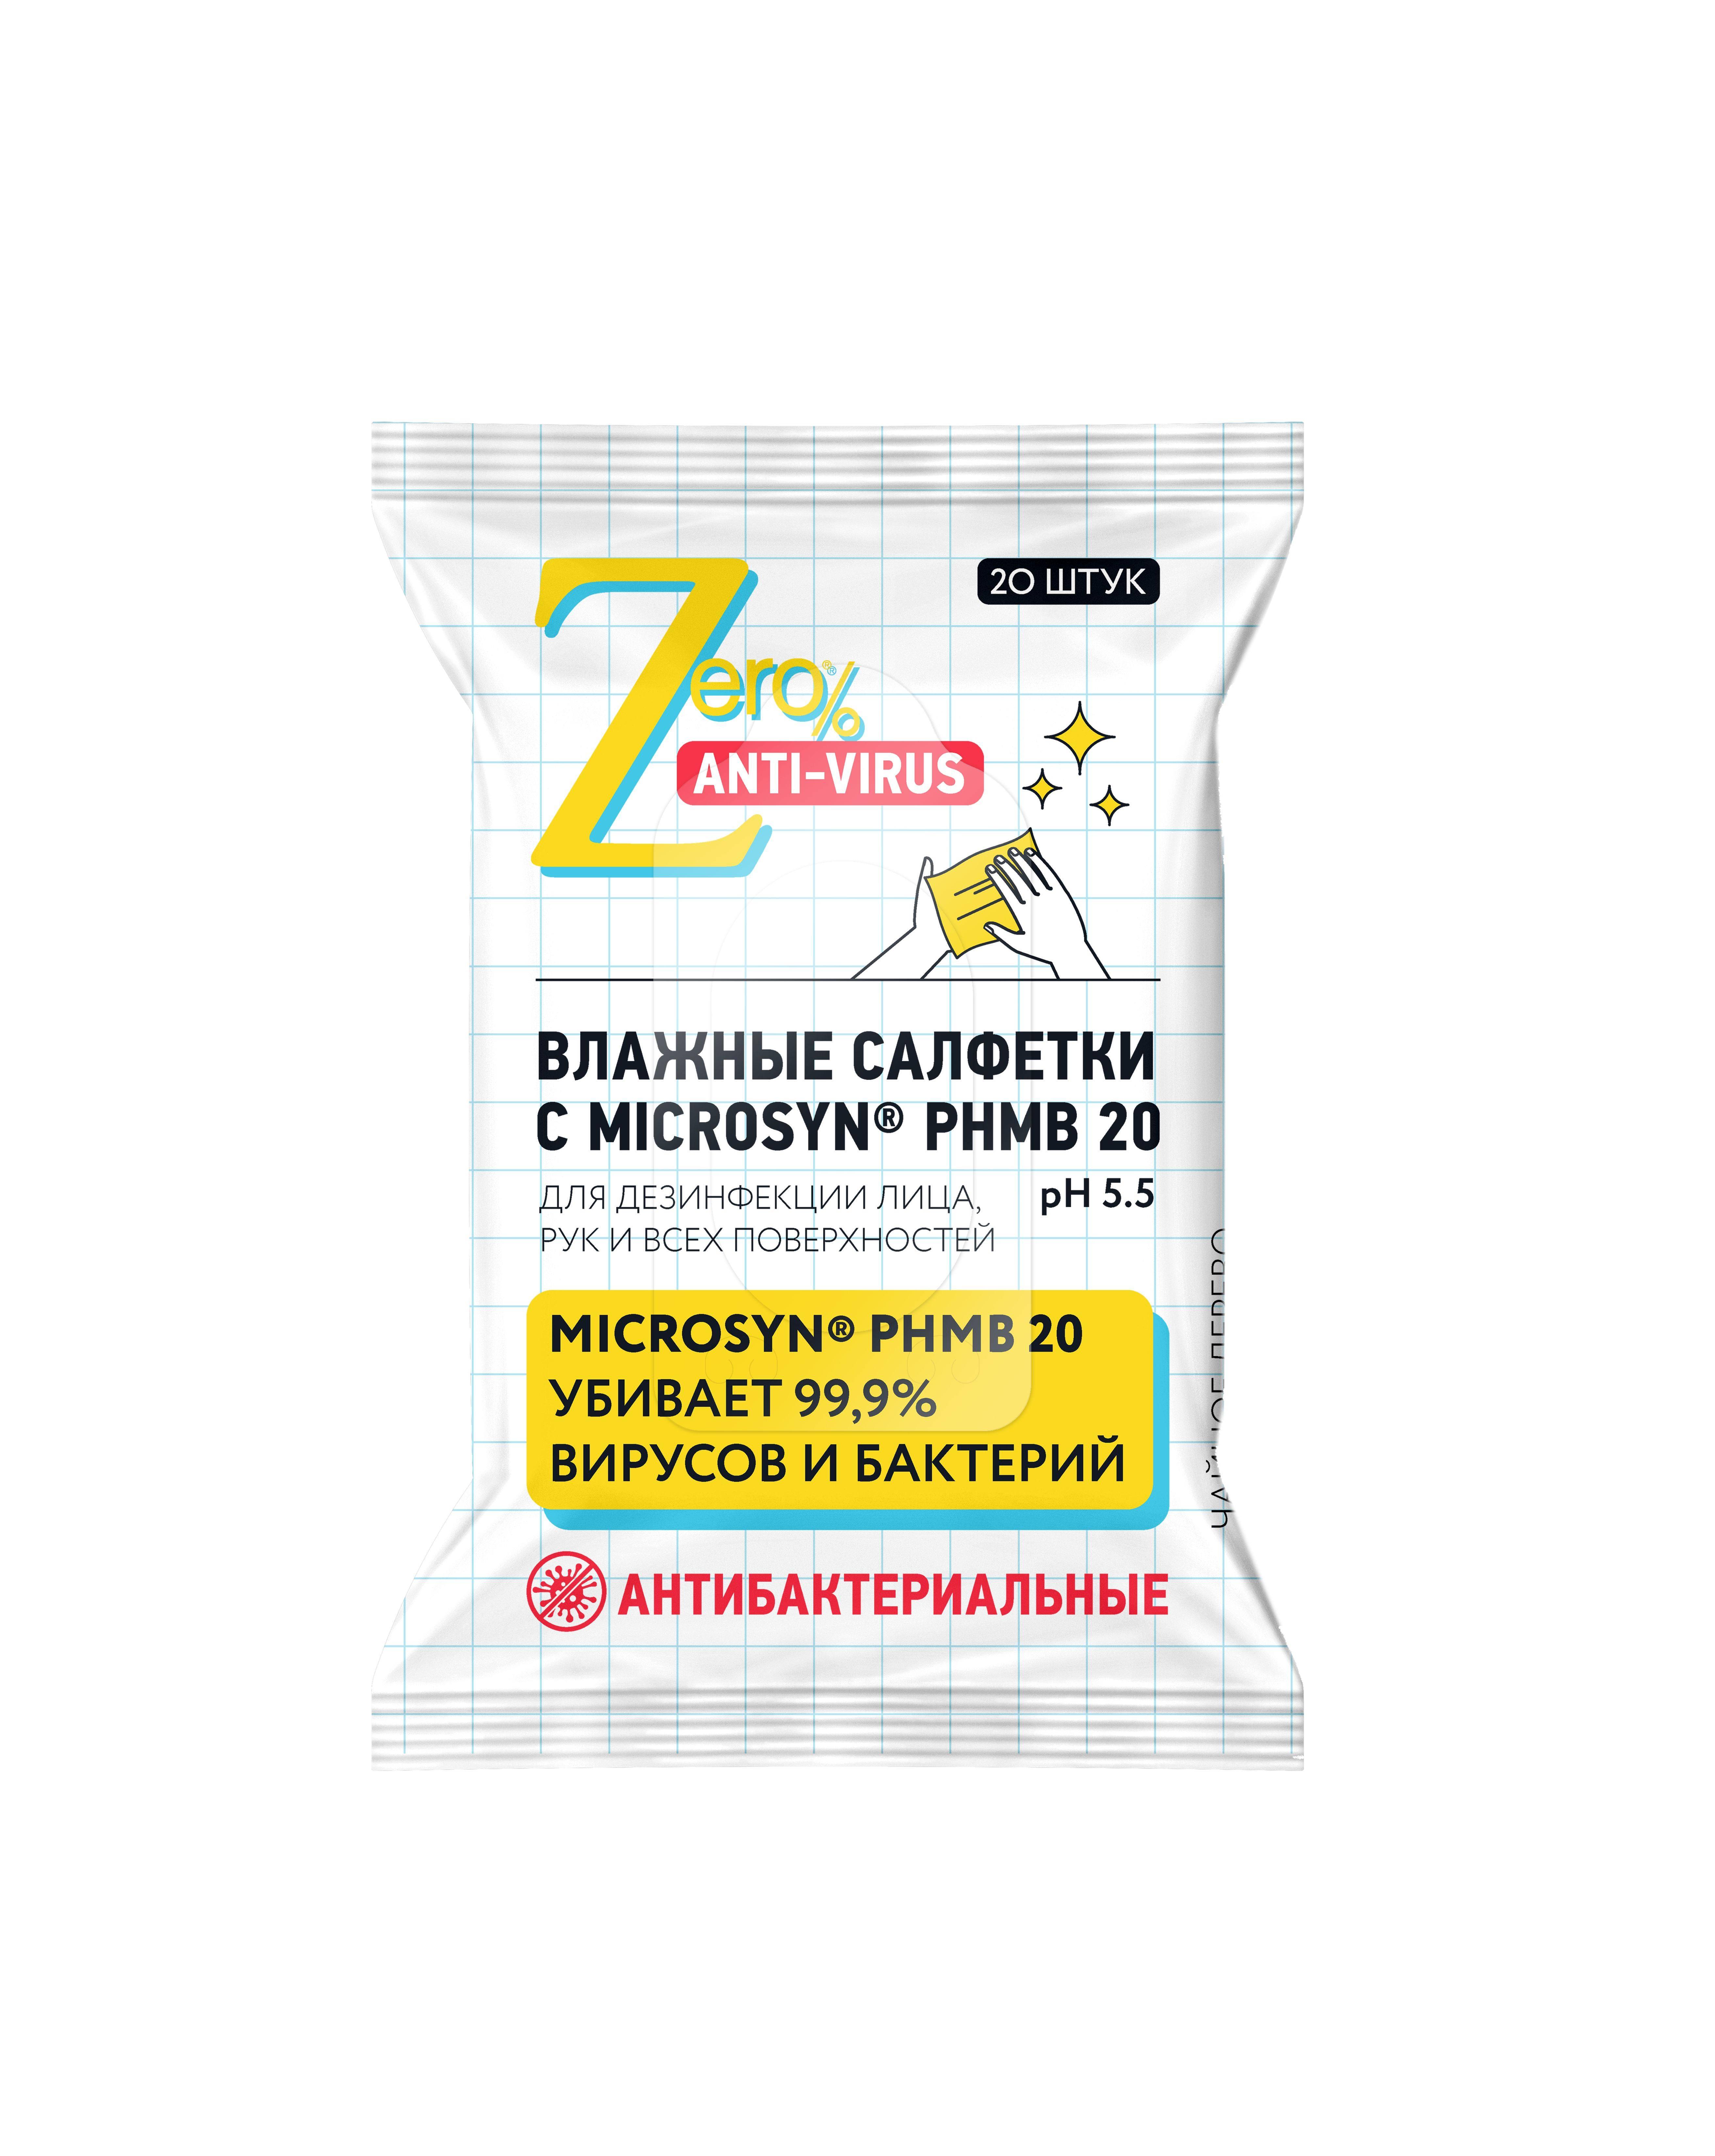 Купить ZERO Anti-Virus Антибактериальные влажные салфетки для лица, рук и всех поверхностей 20 шт. (shop: Organic-shops Organic shops)